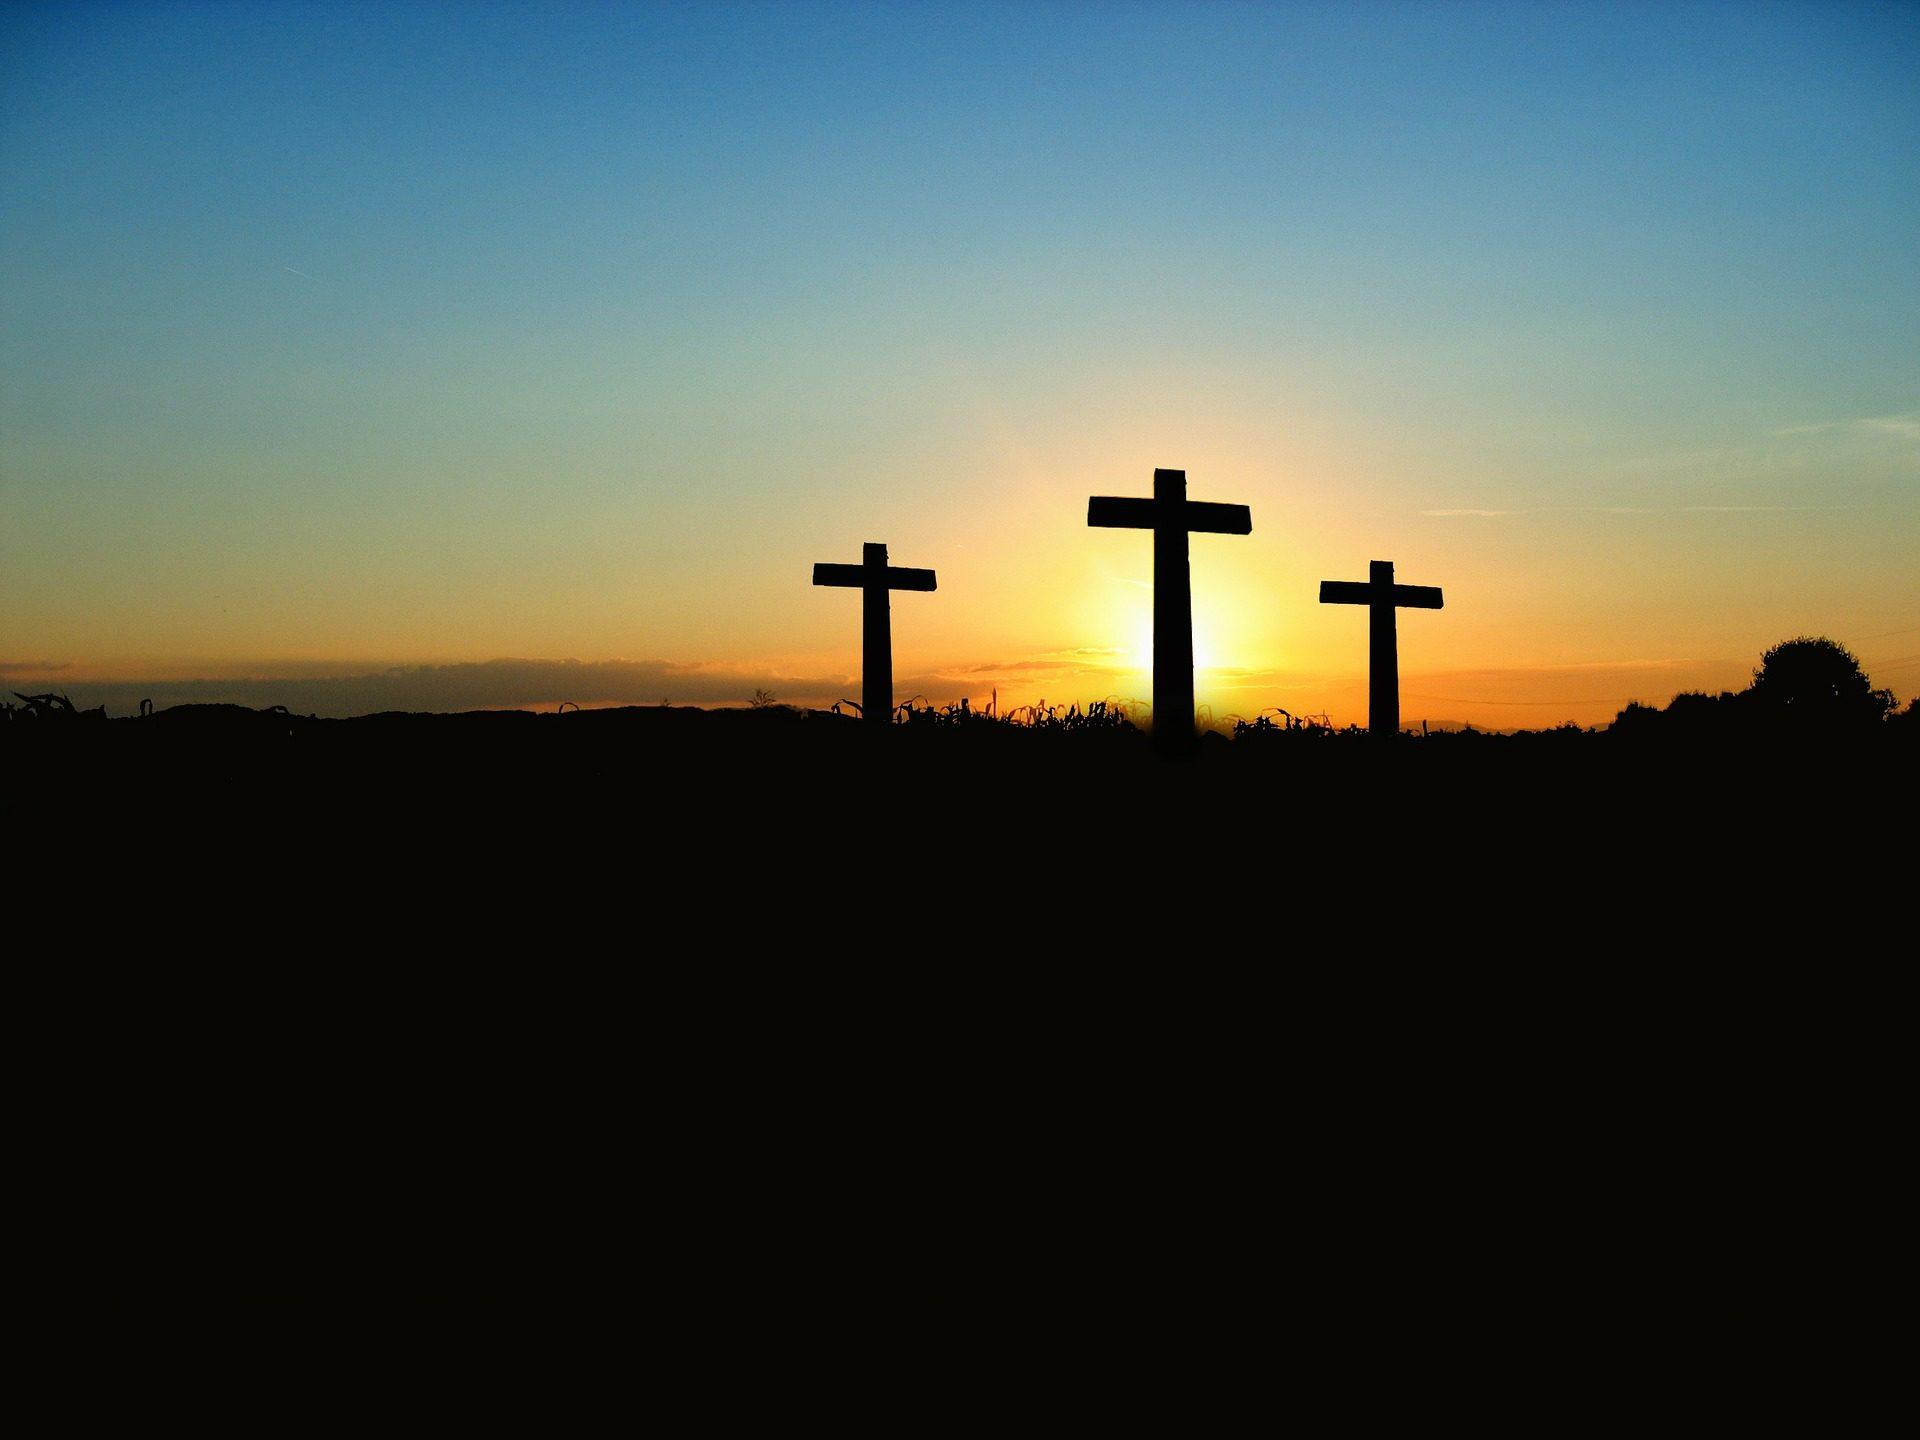 تقاطع, جبل, المسيحية, عيد الفصح, القيامة - خلفيات عالية الدقة - أستاذ falken.com